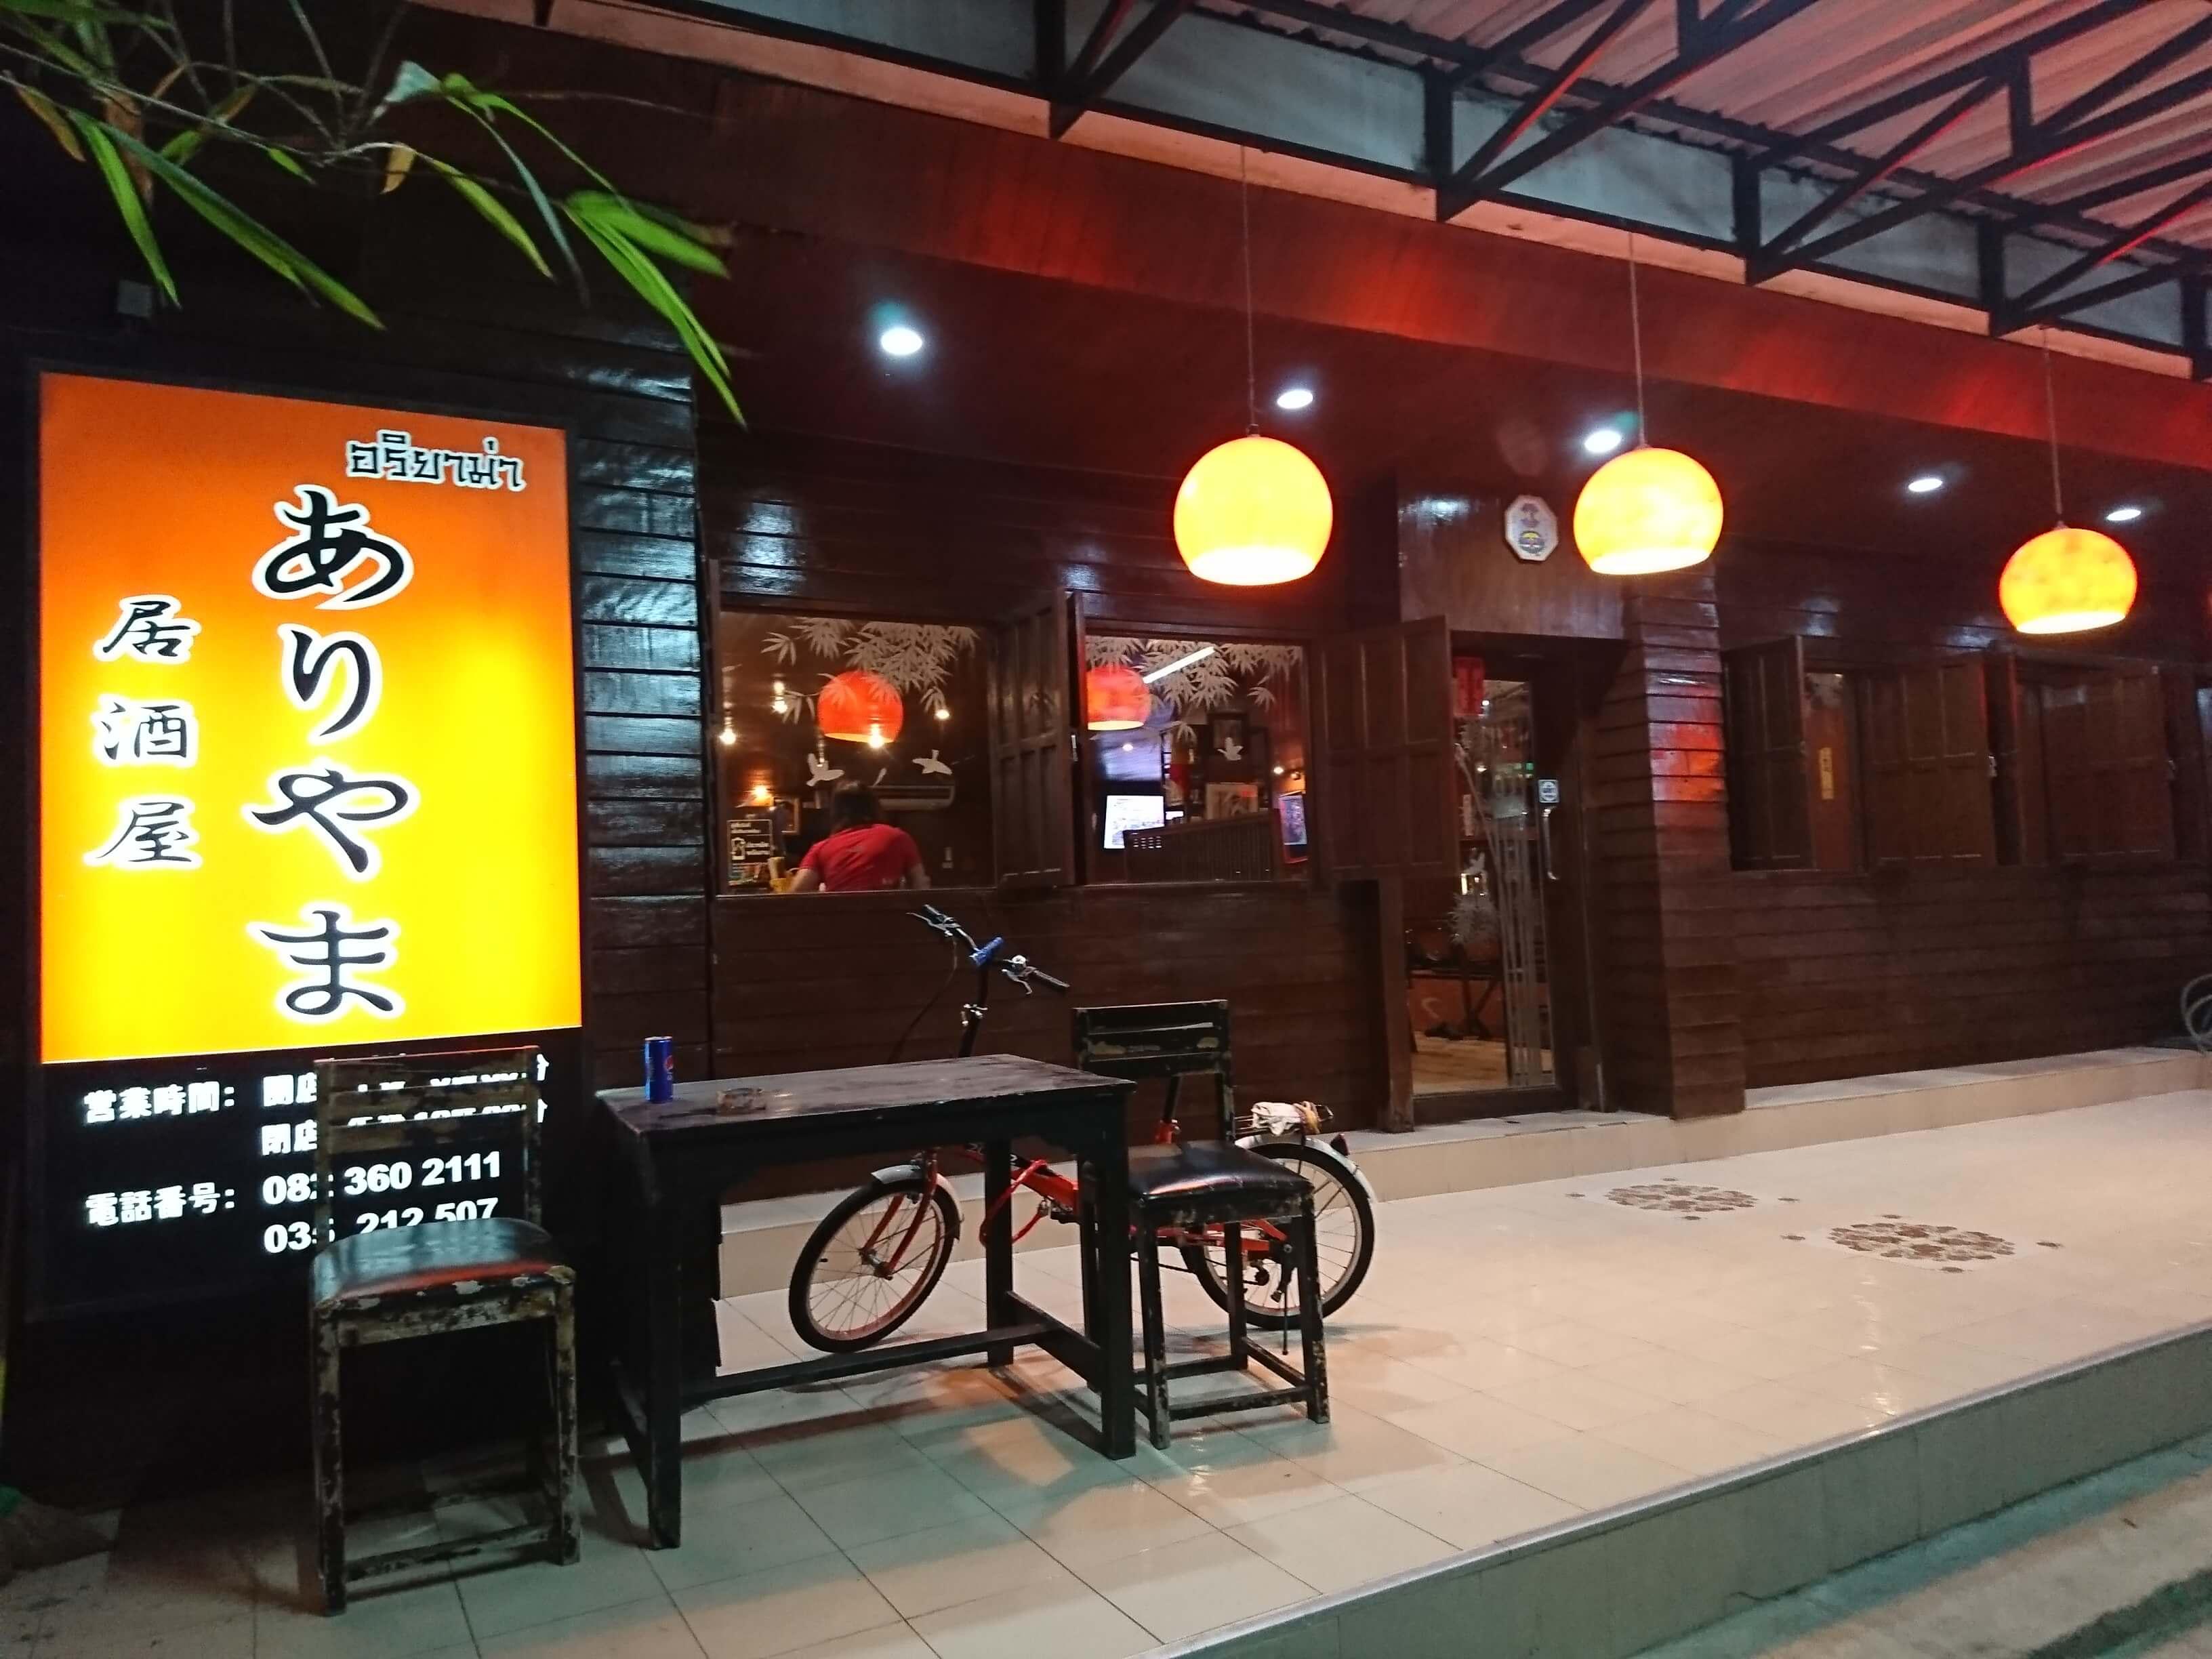 居酒屋 ありやま / アユタヤグランド地区で、気軽に日本食が楽しめる老舗居酒屋